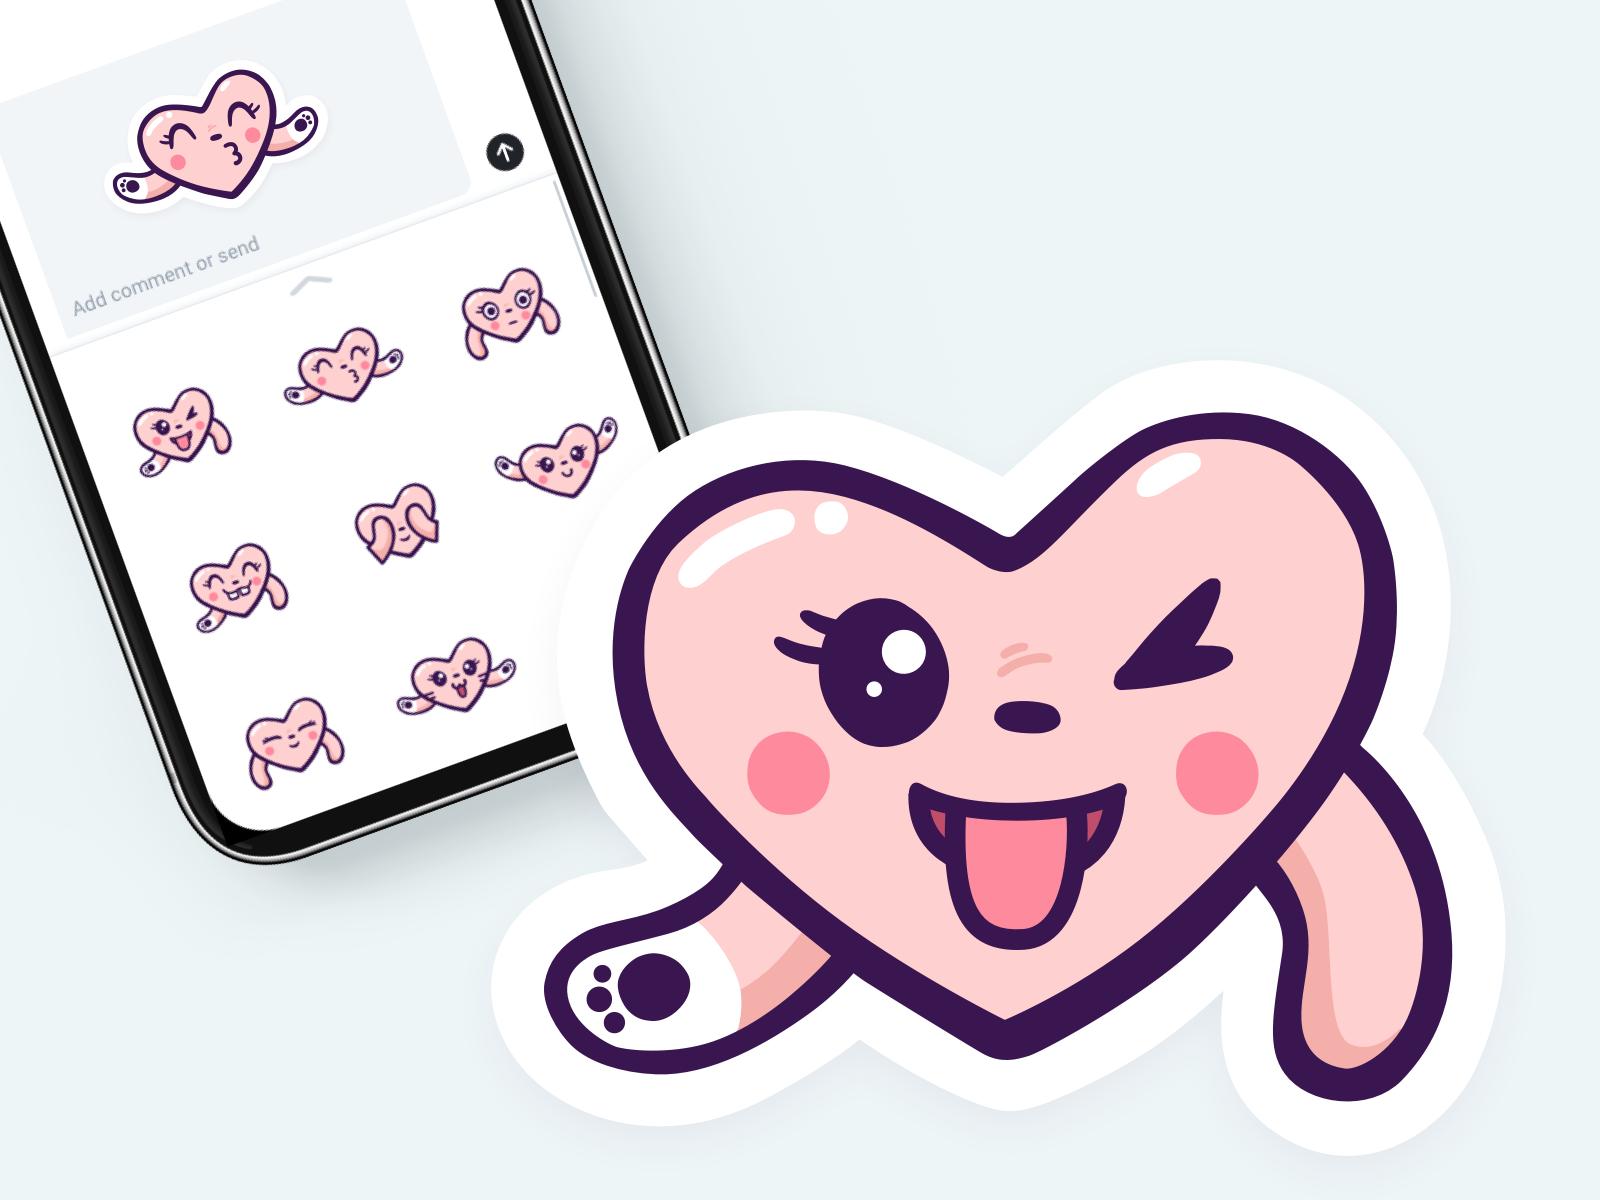 Stickers adorable heart maria shanina